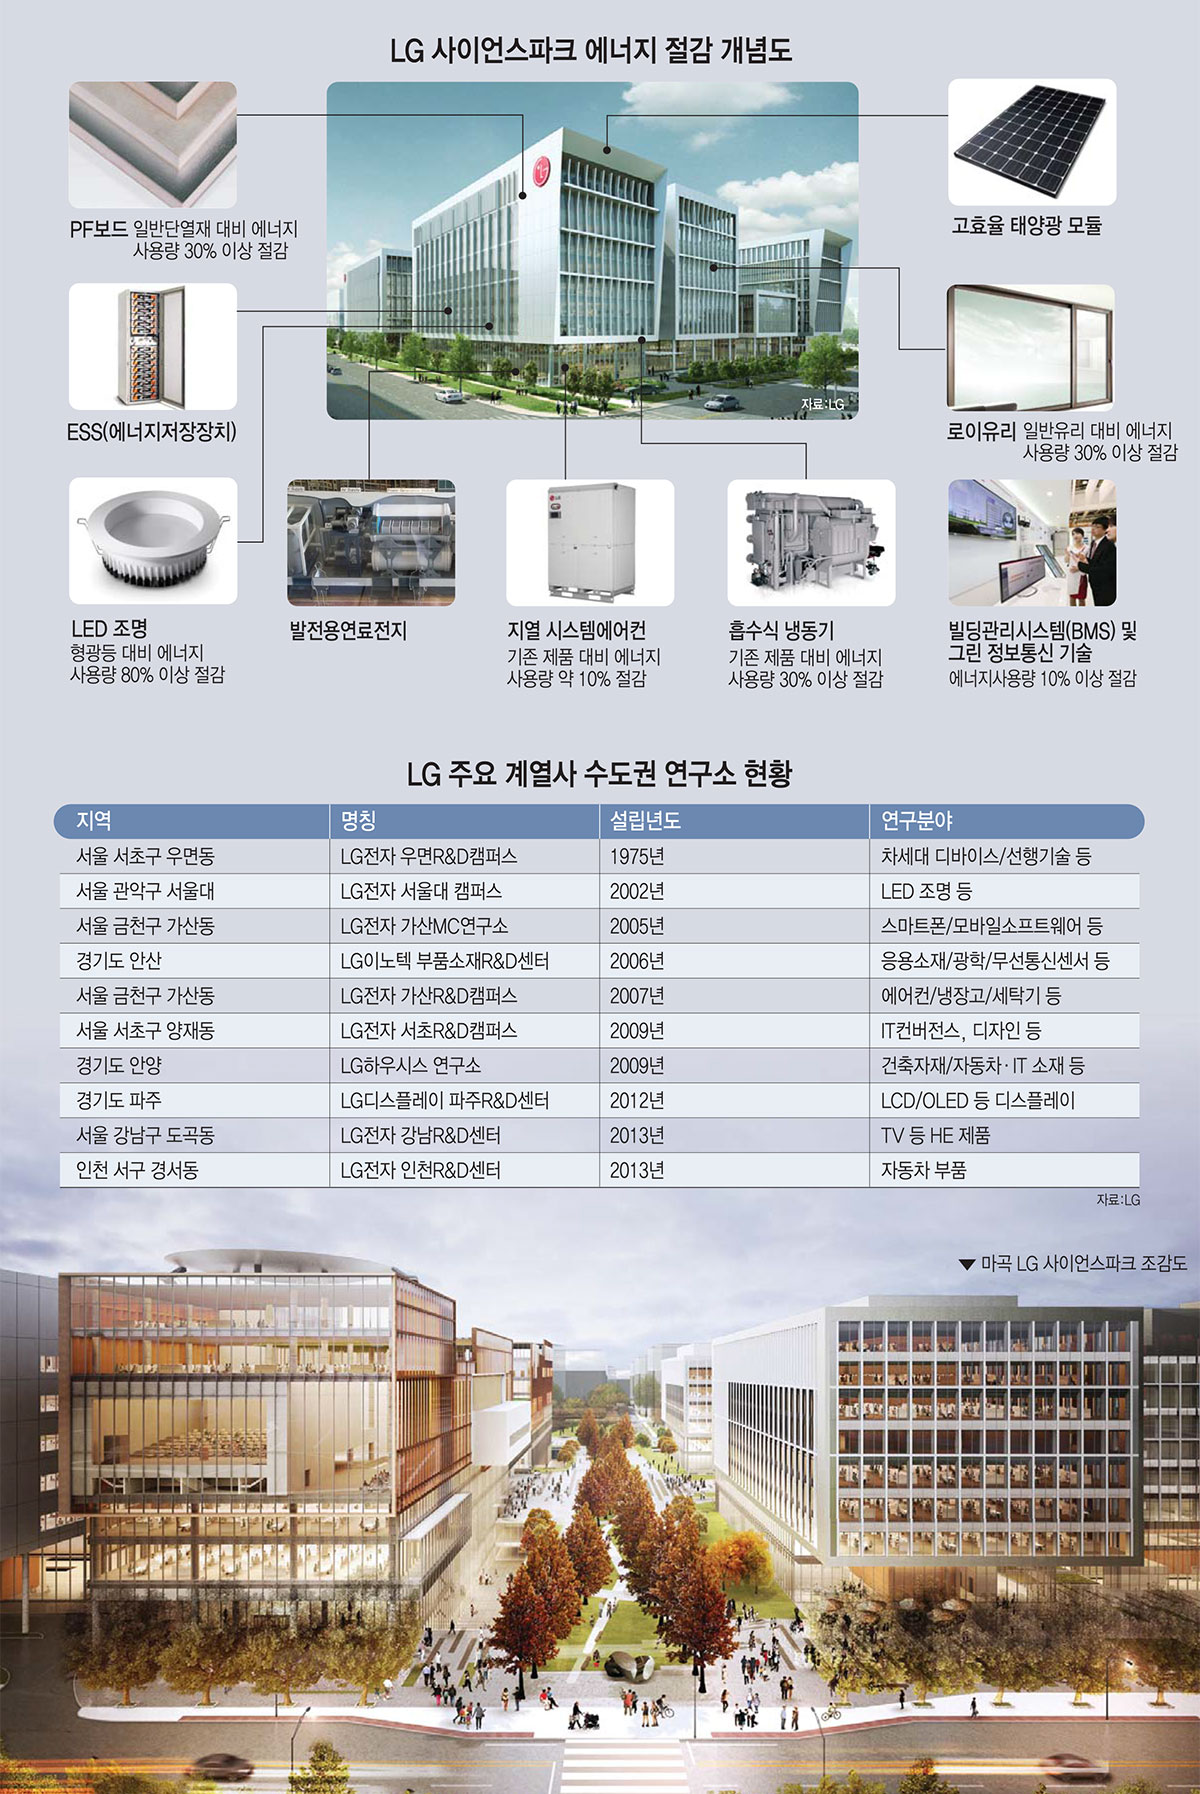 [이슈분석]LG R&D의 새로운 심장 `사이언스파크` 이달 첫삽